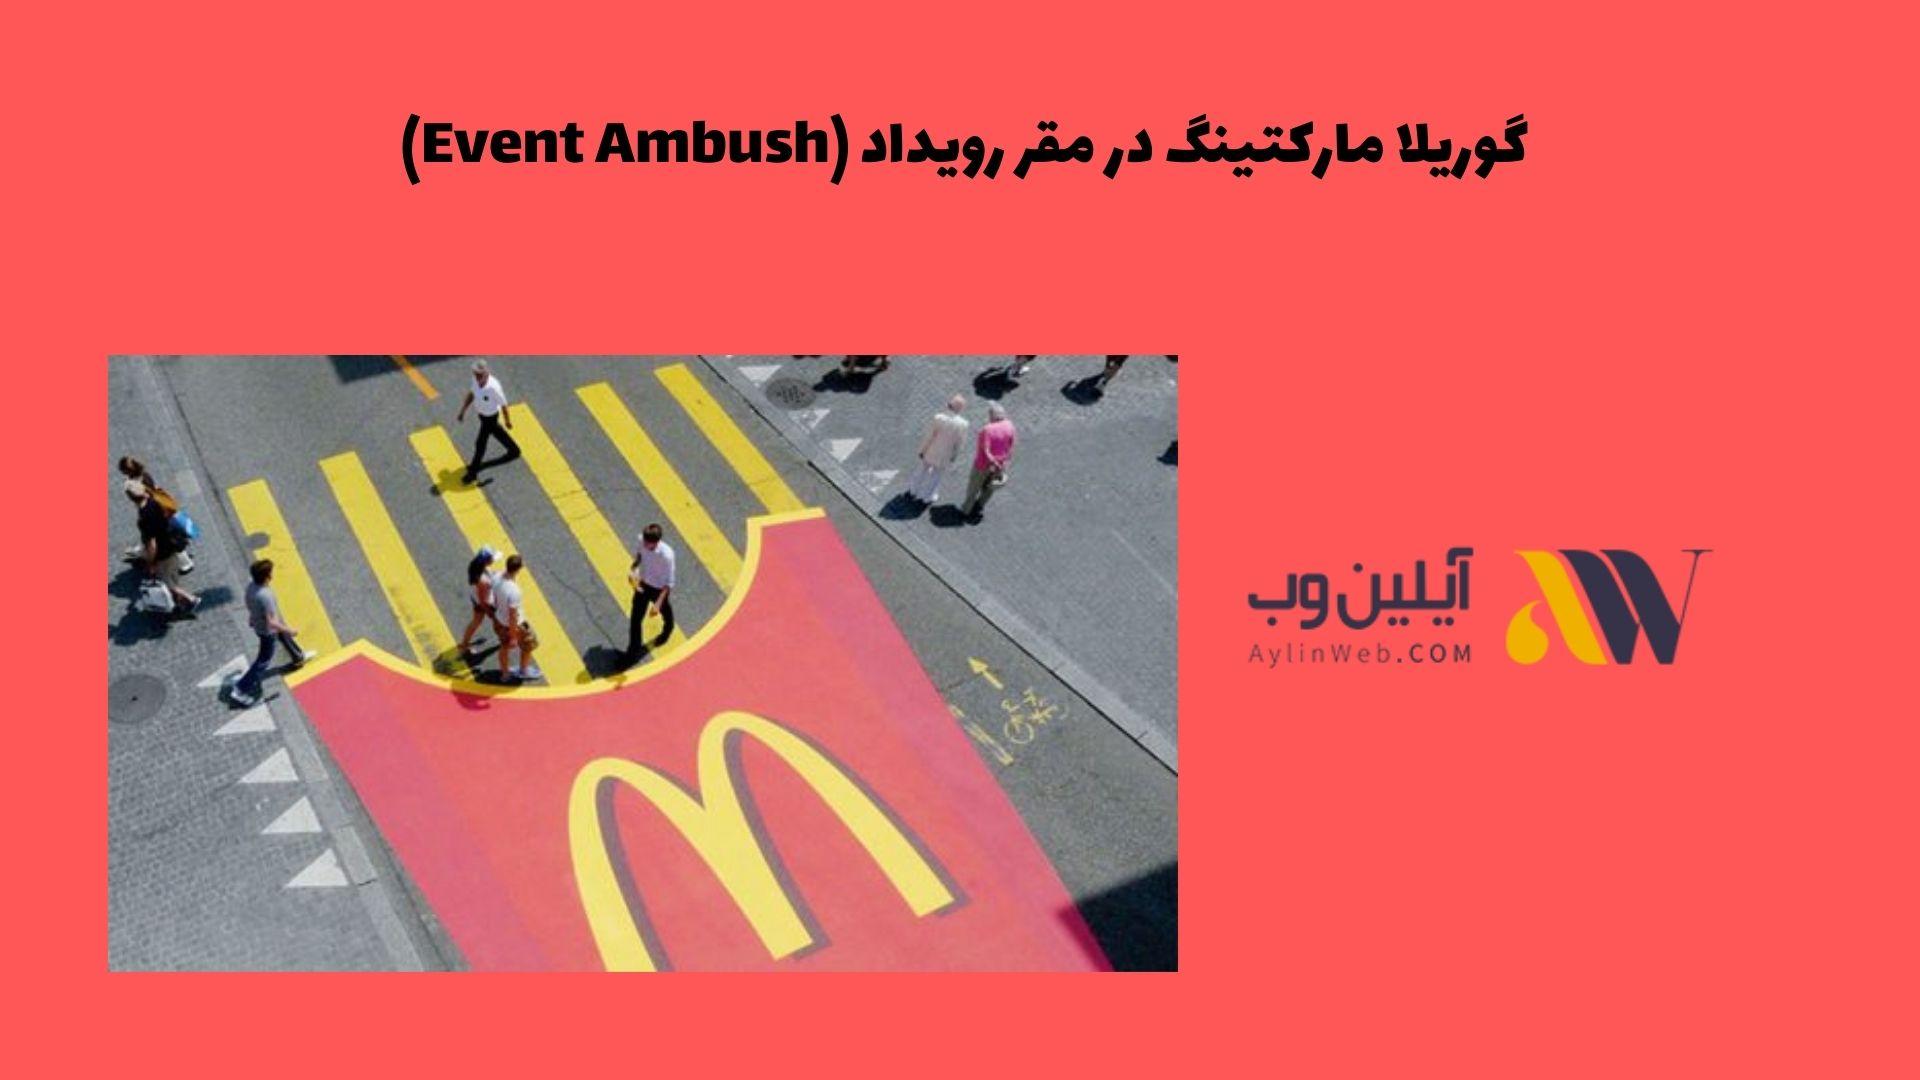 گوریلا مارکتینگ در مقر رویداد (Event Ambush)